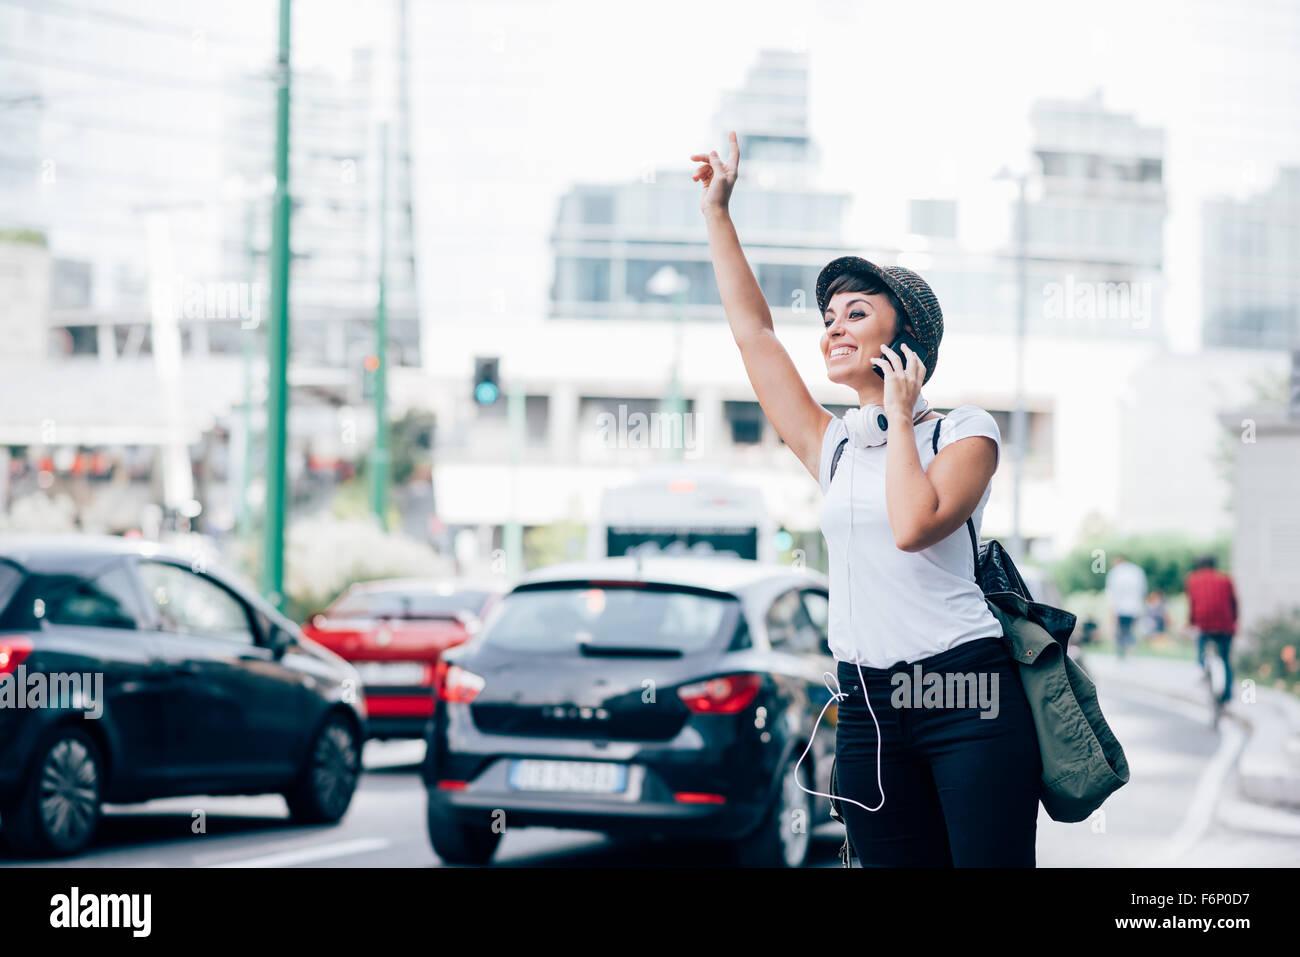 La figure du genou de jeune beau brun caucasien cheveux droits femme pour demander un taxi raising her arms tout Photo Stock